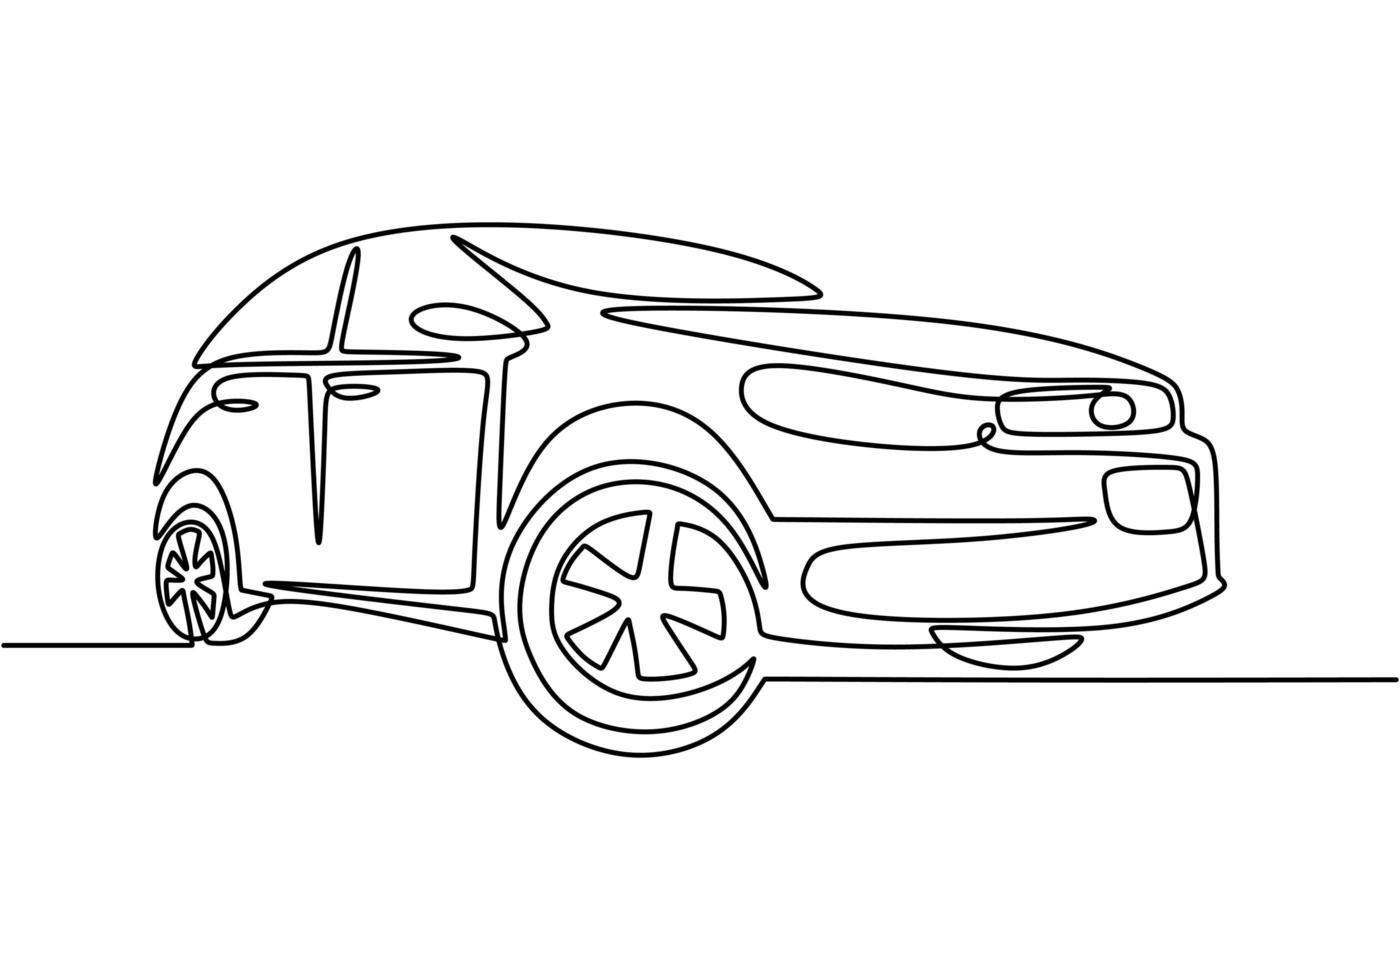 un unico disegno in linea continua di auto di lusso. avvicinamento. vettore